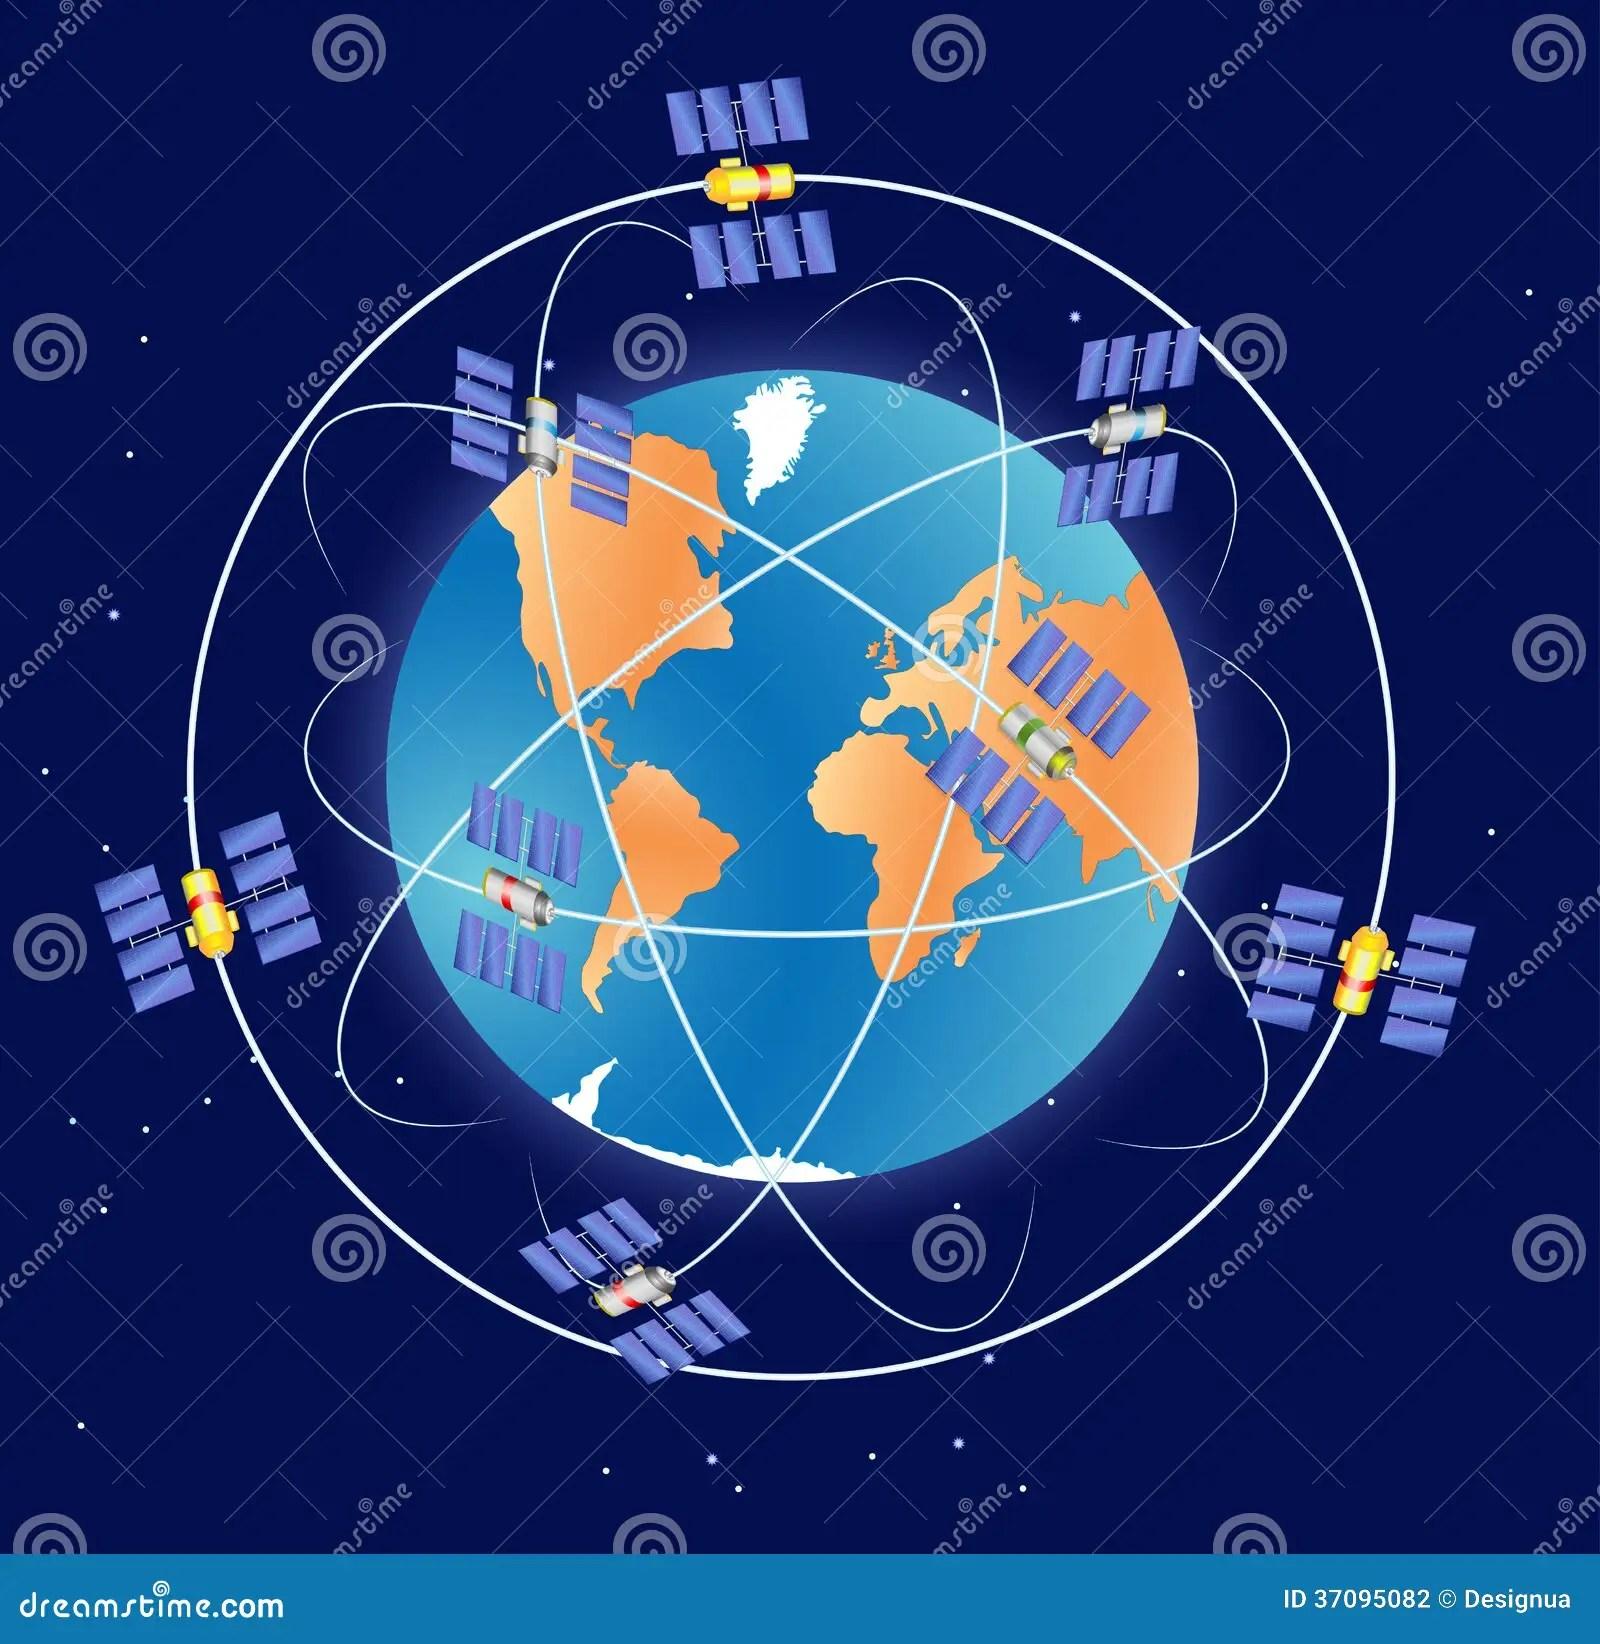 全球衛星定位系統是GPS?-目前世界上有幾大衛星定位系統?